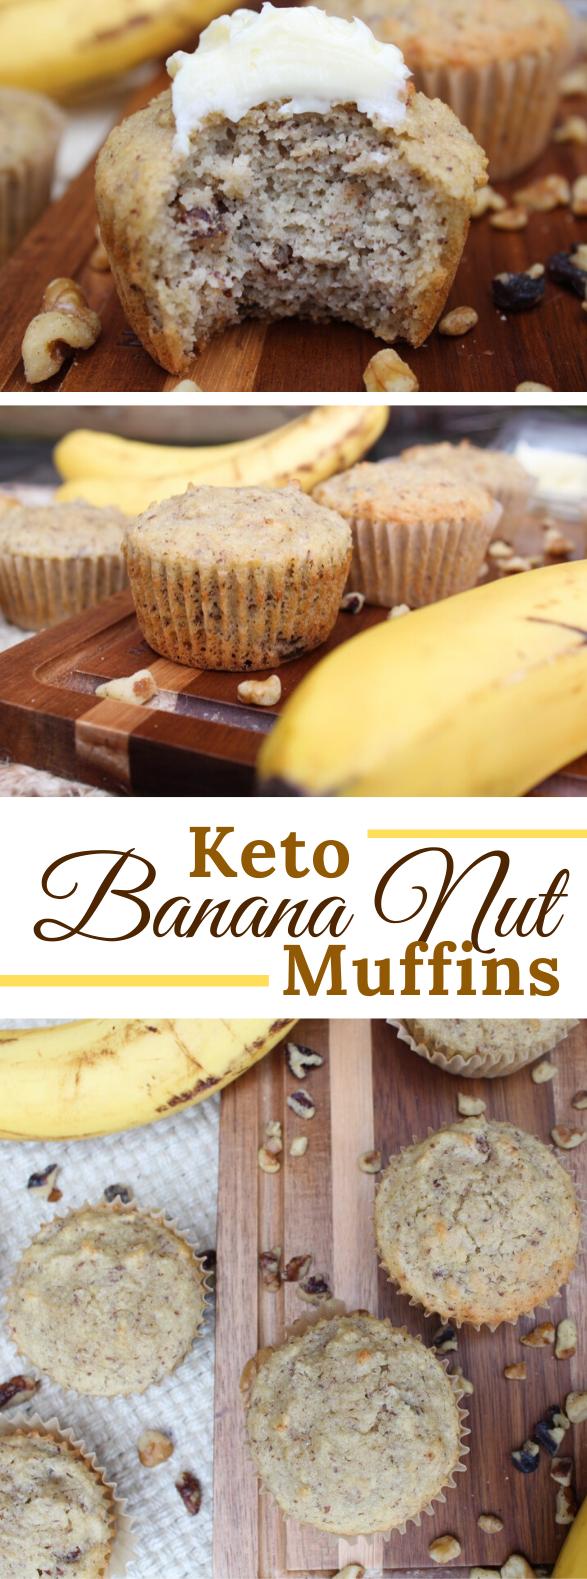 KETO BANANA NUT MUFFINS #healthydessert #diet